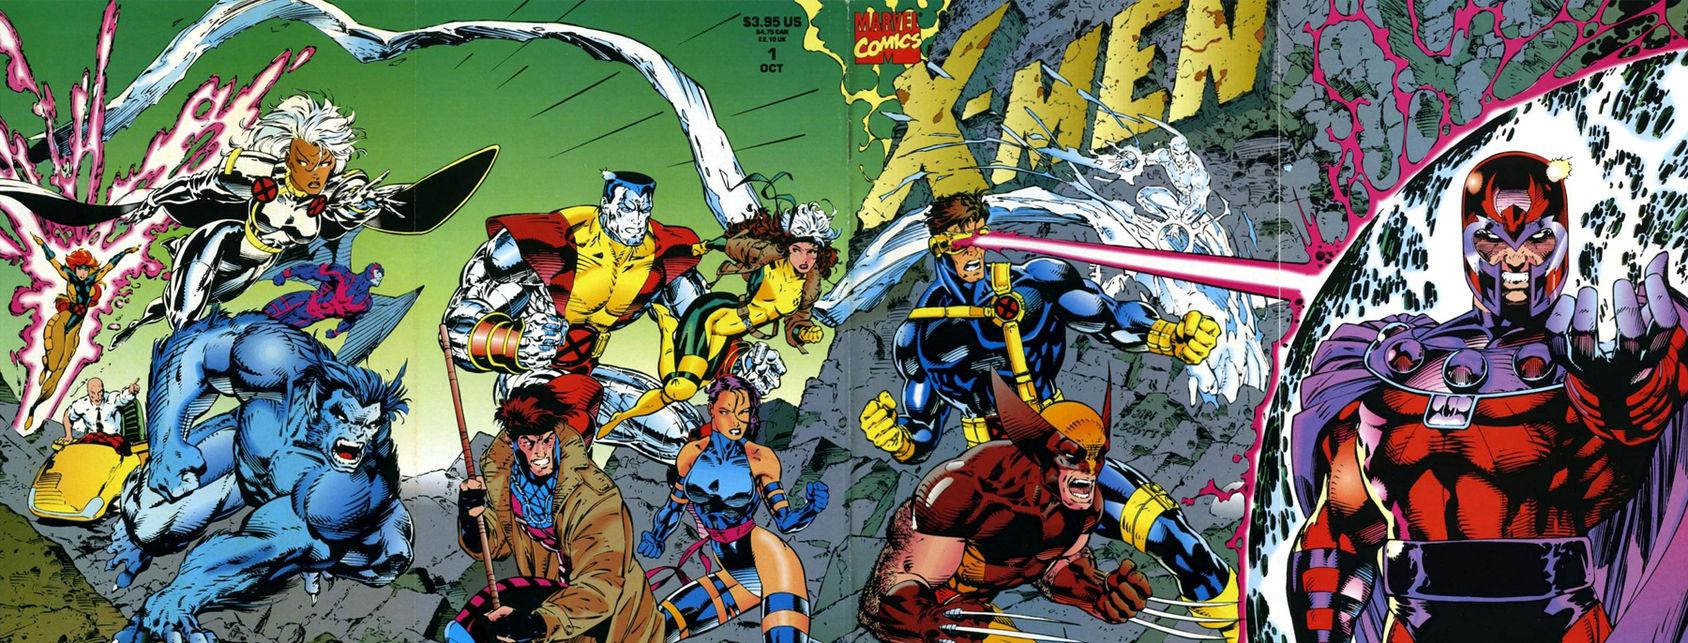 Nästa X-Men-film utspelar sig under 90-talet